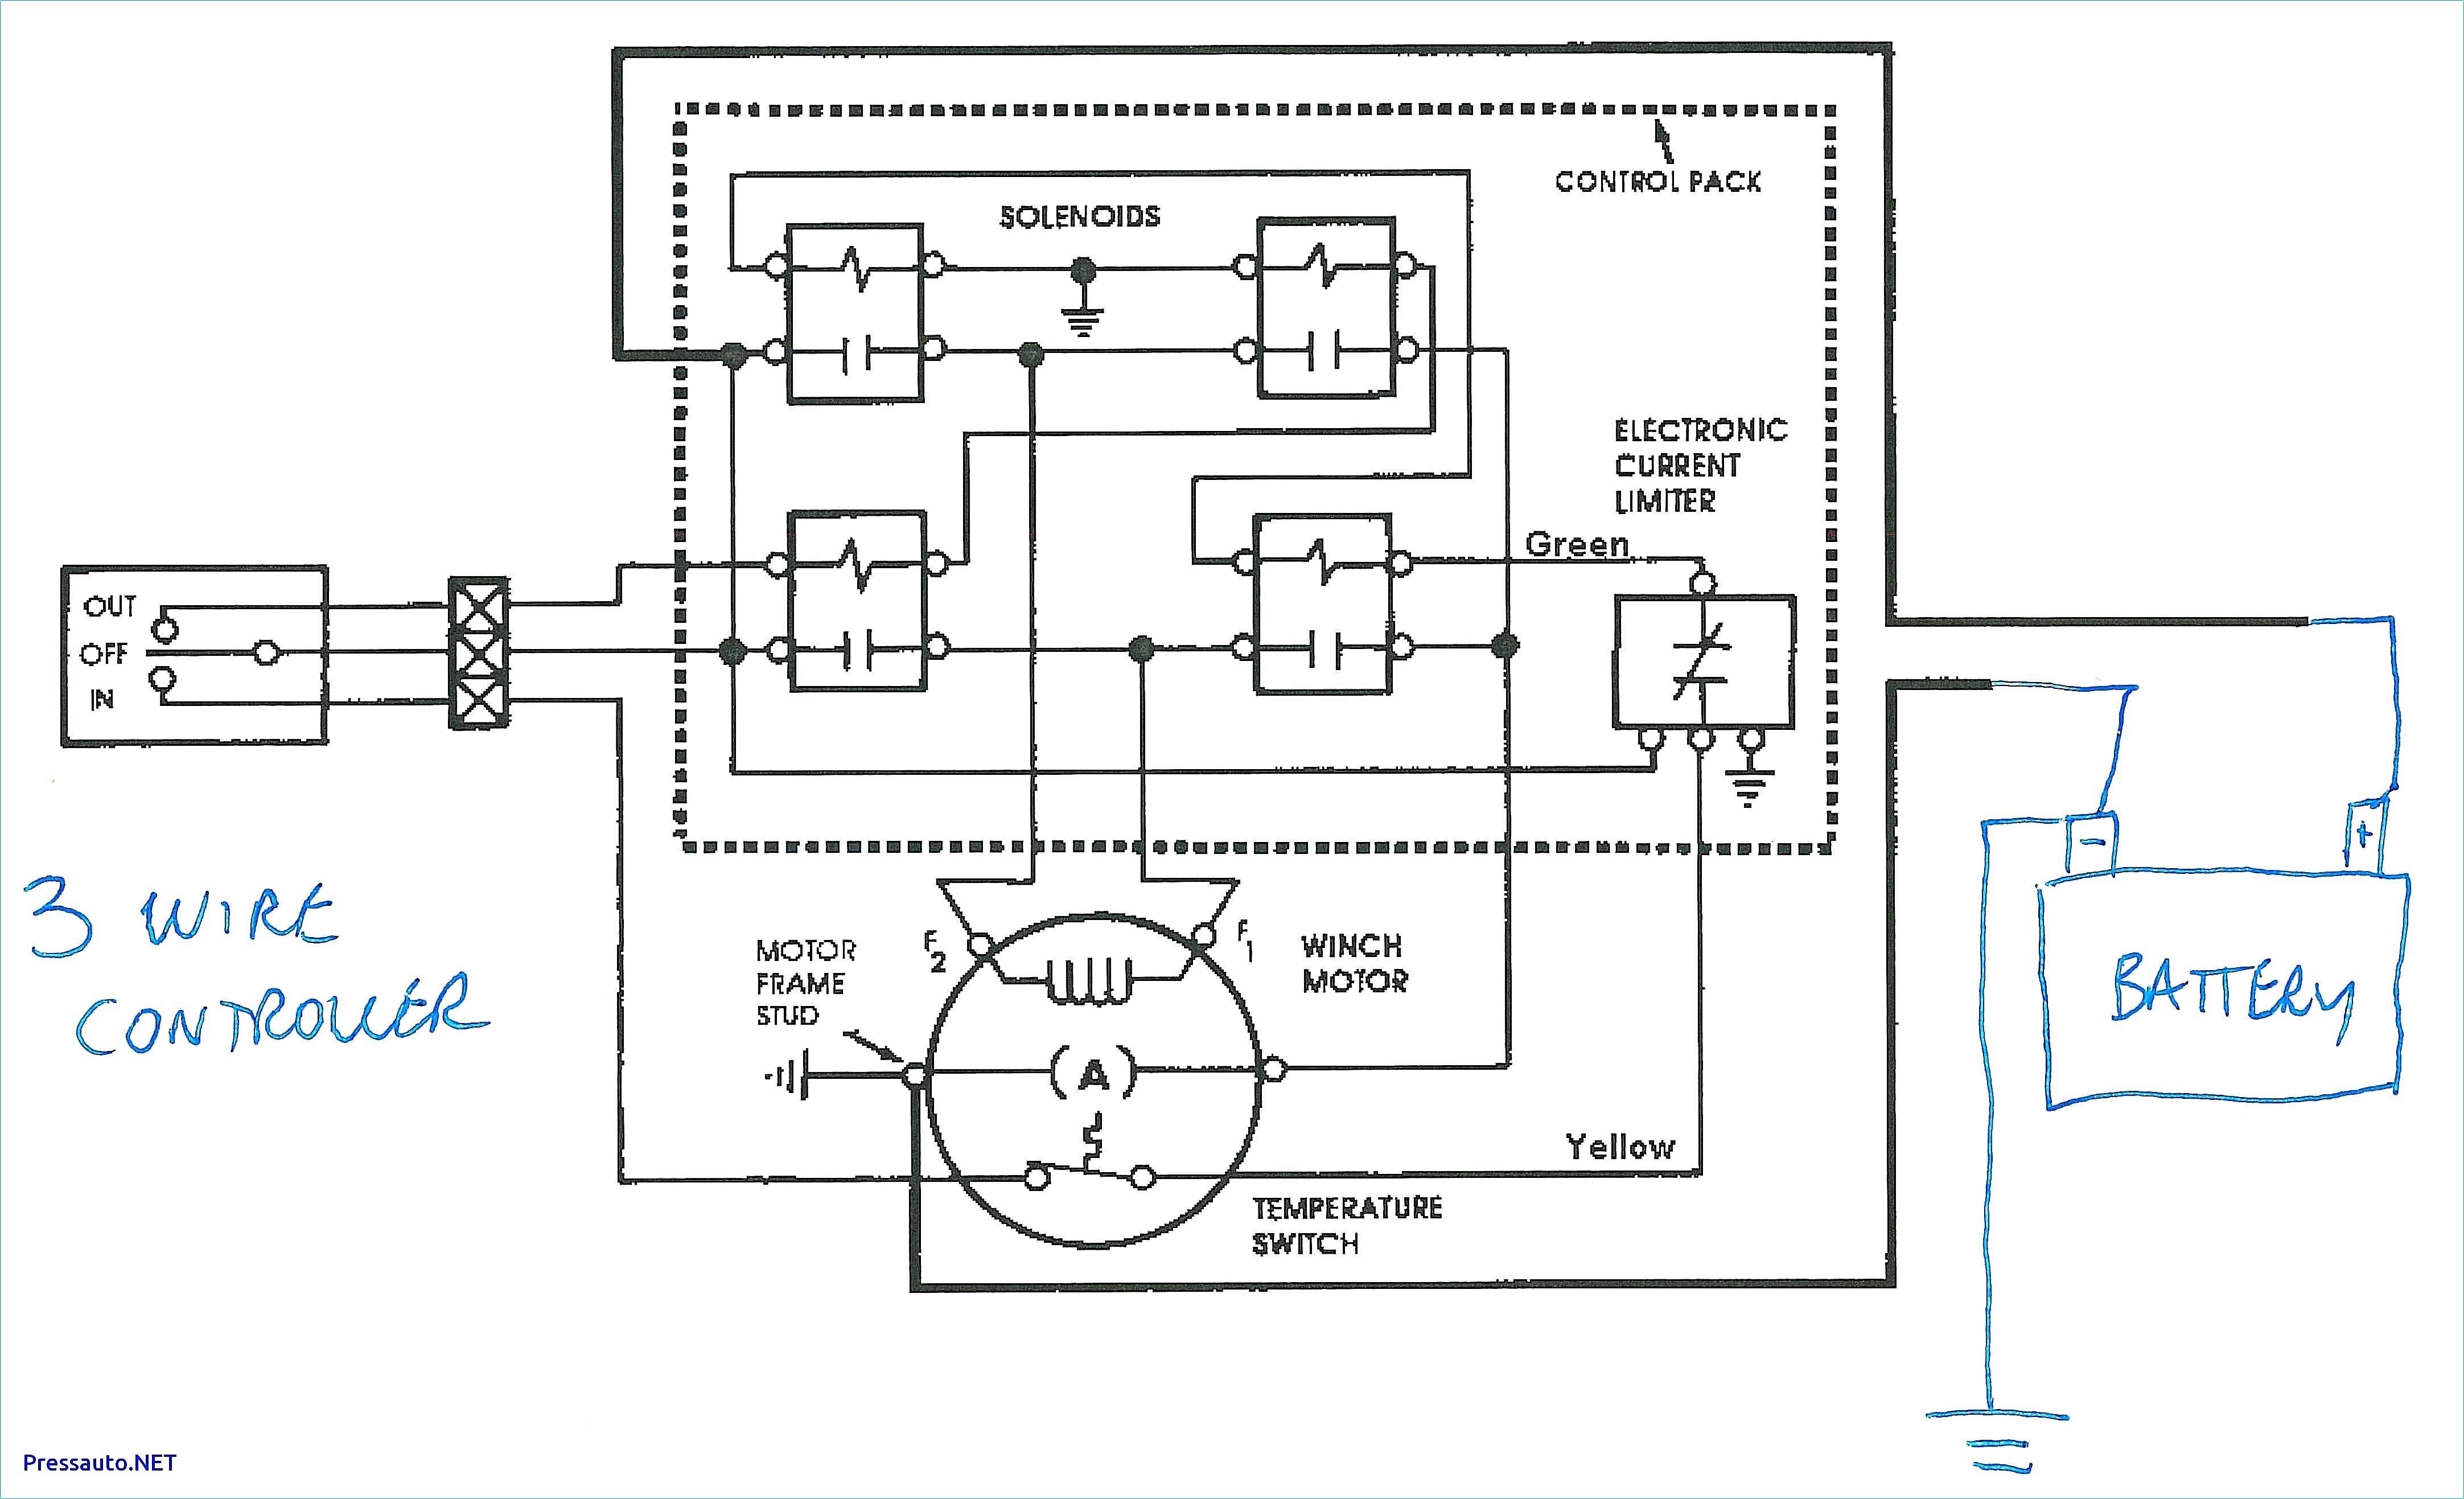 Warn Winch Wiring Diagram Solenoid